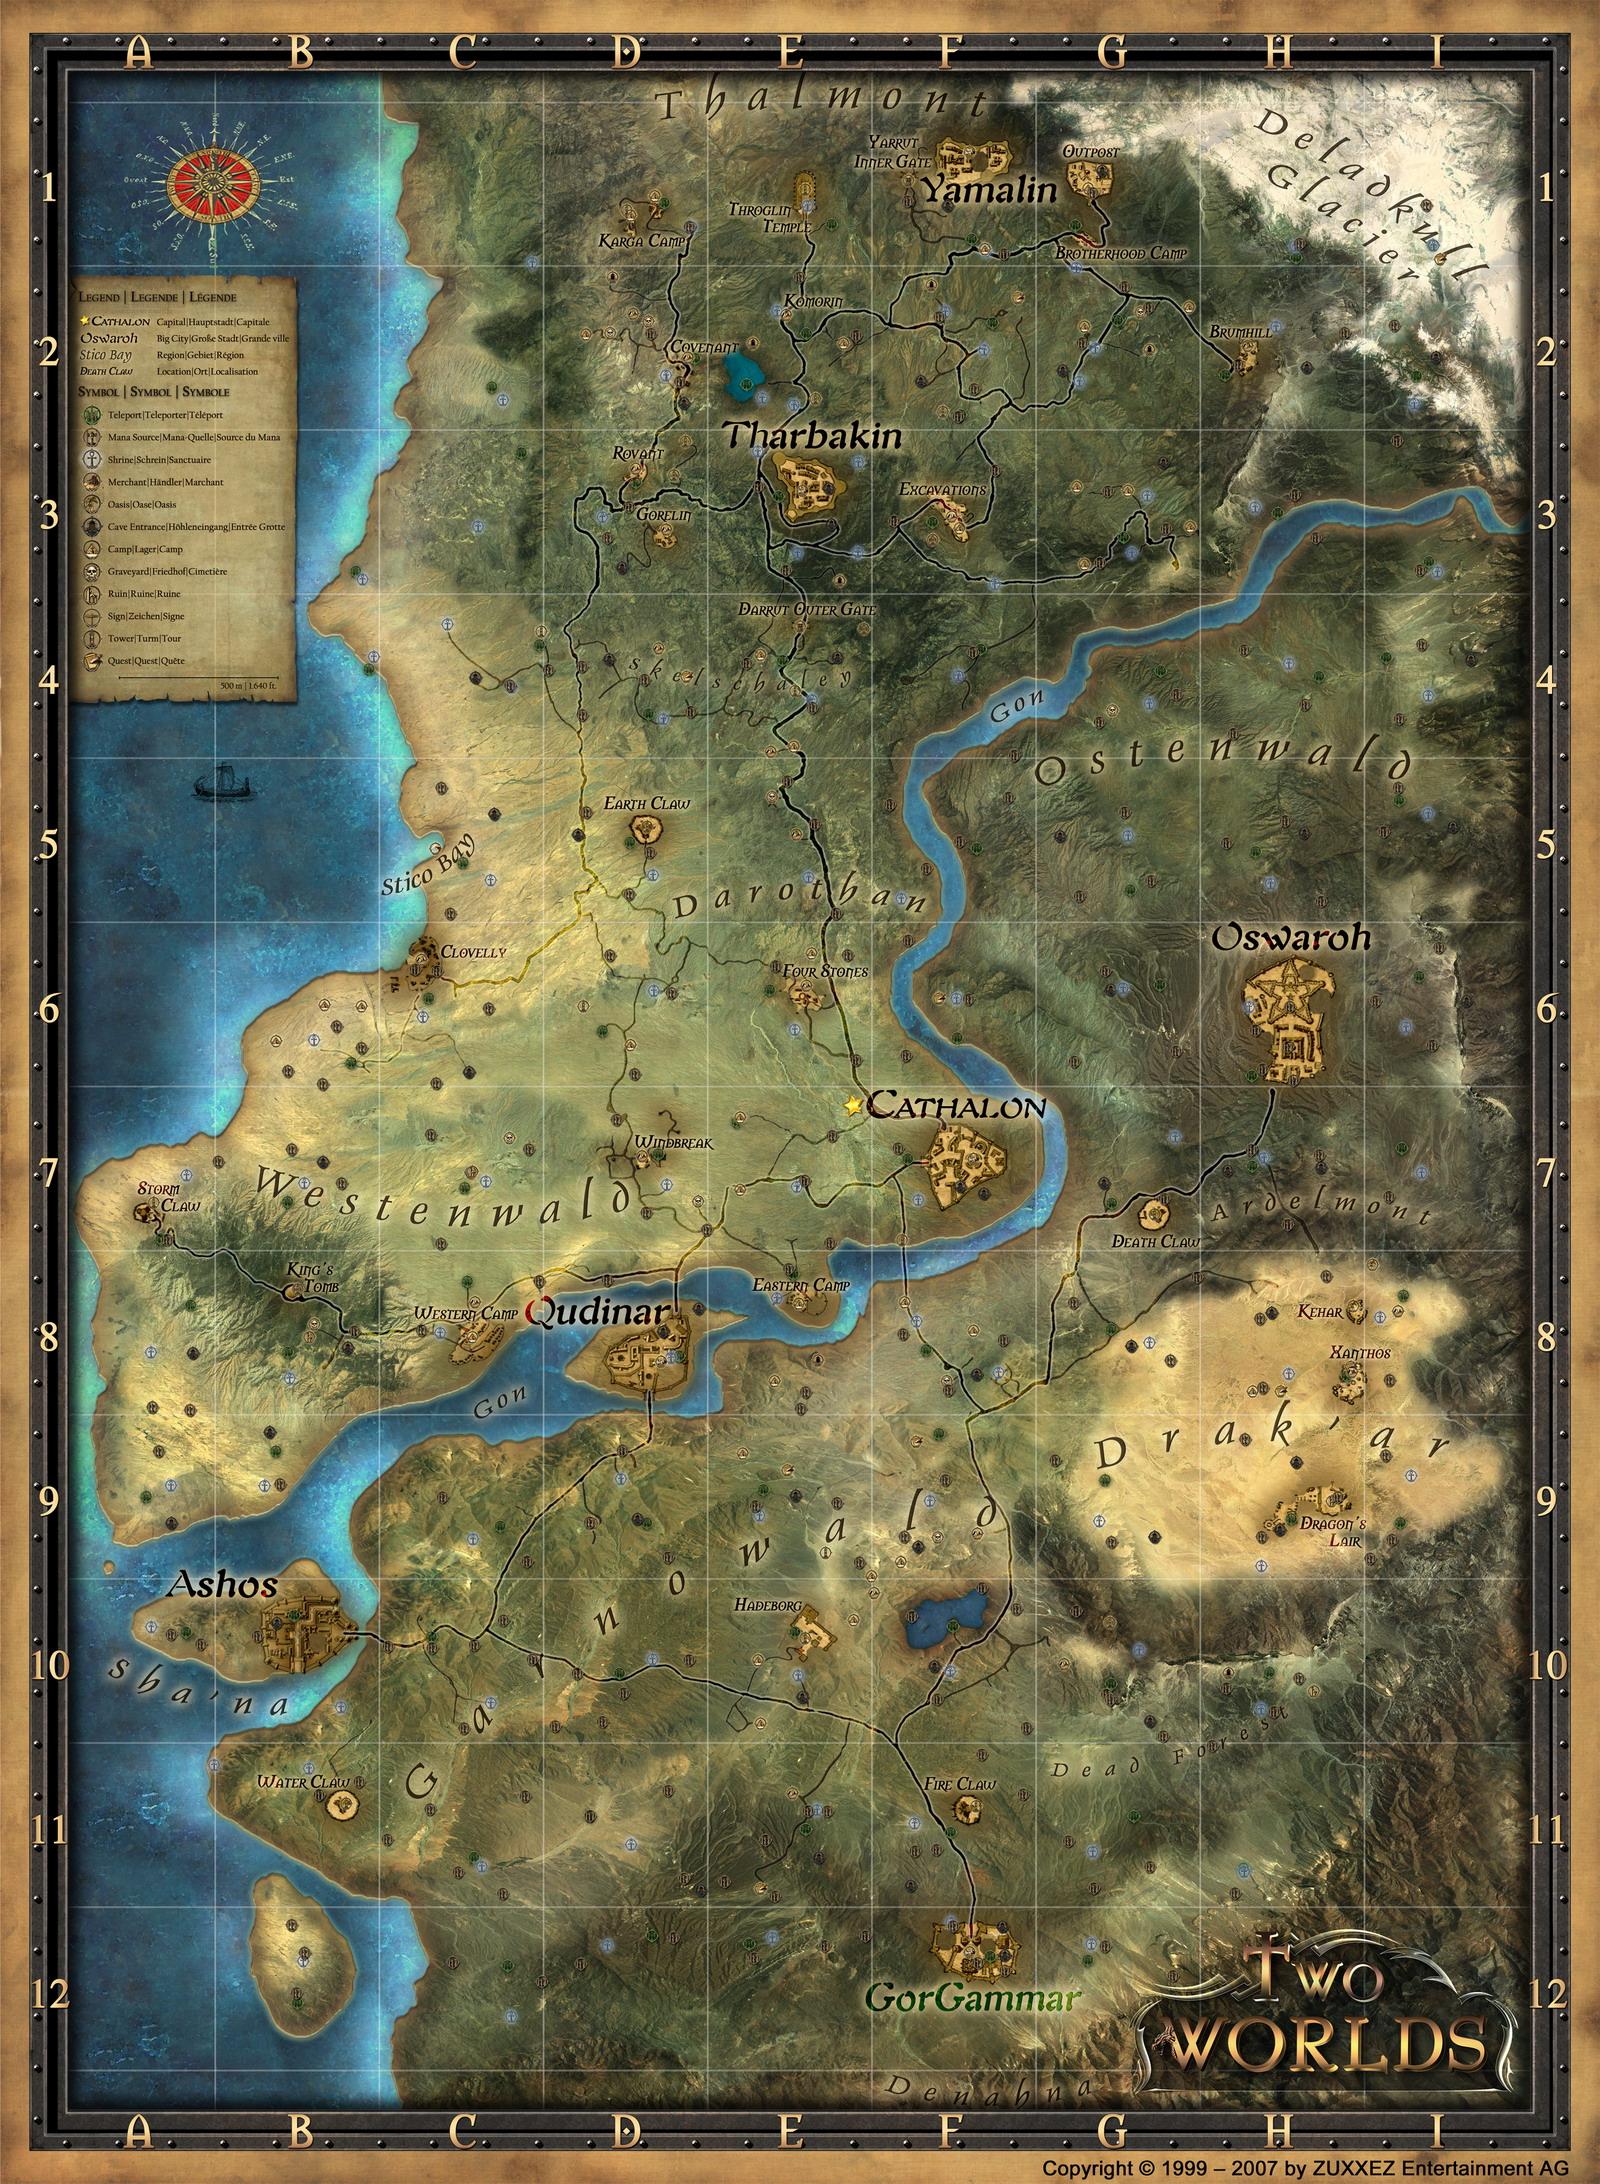 Mappa Antaloor